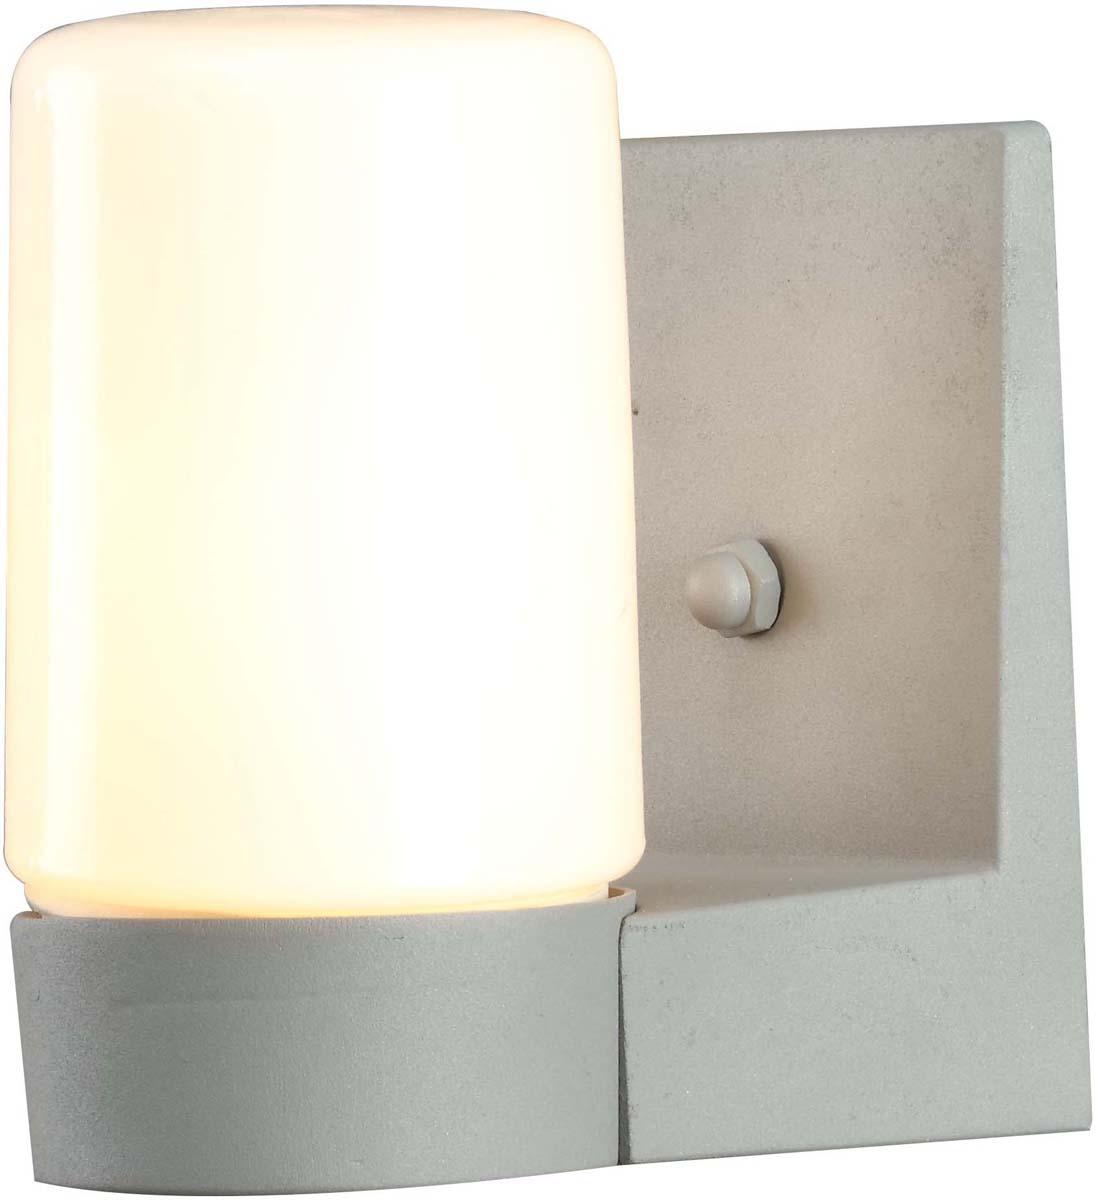 Светильник уличный Arte Lamp City, 1 х E27, 40 W. A8058AL-1GY